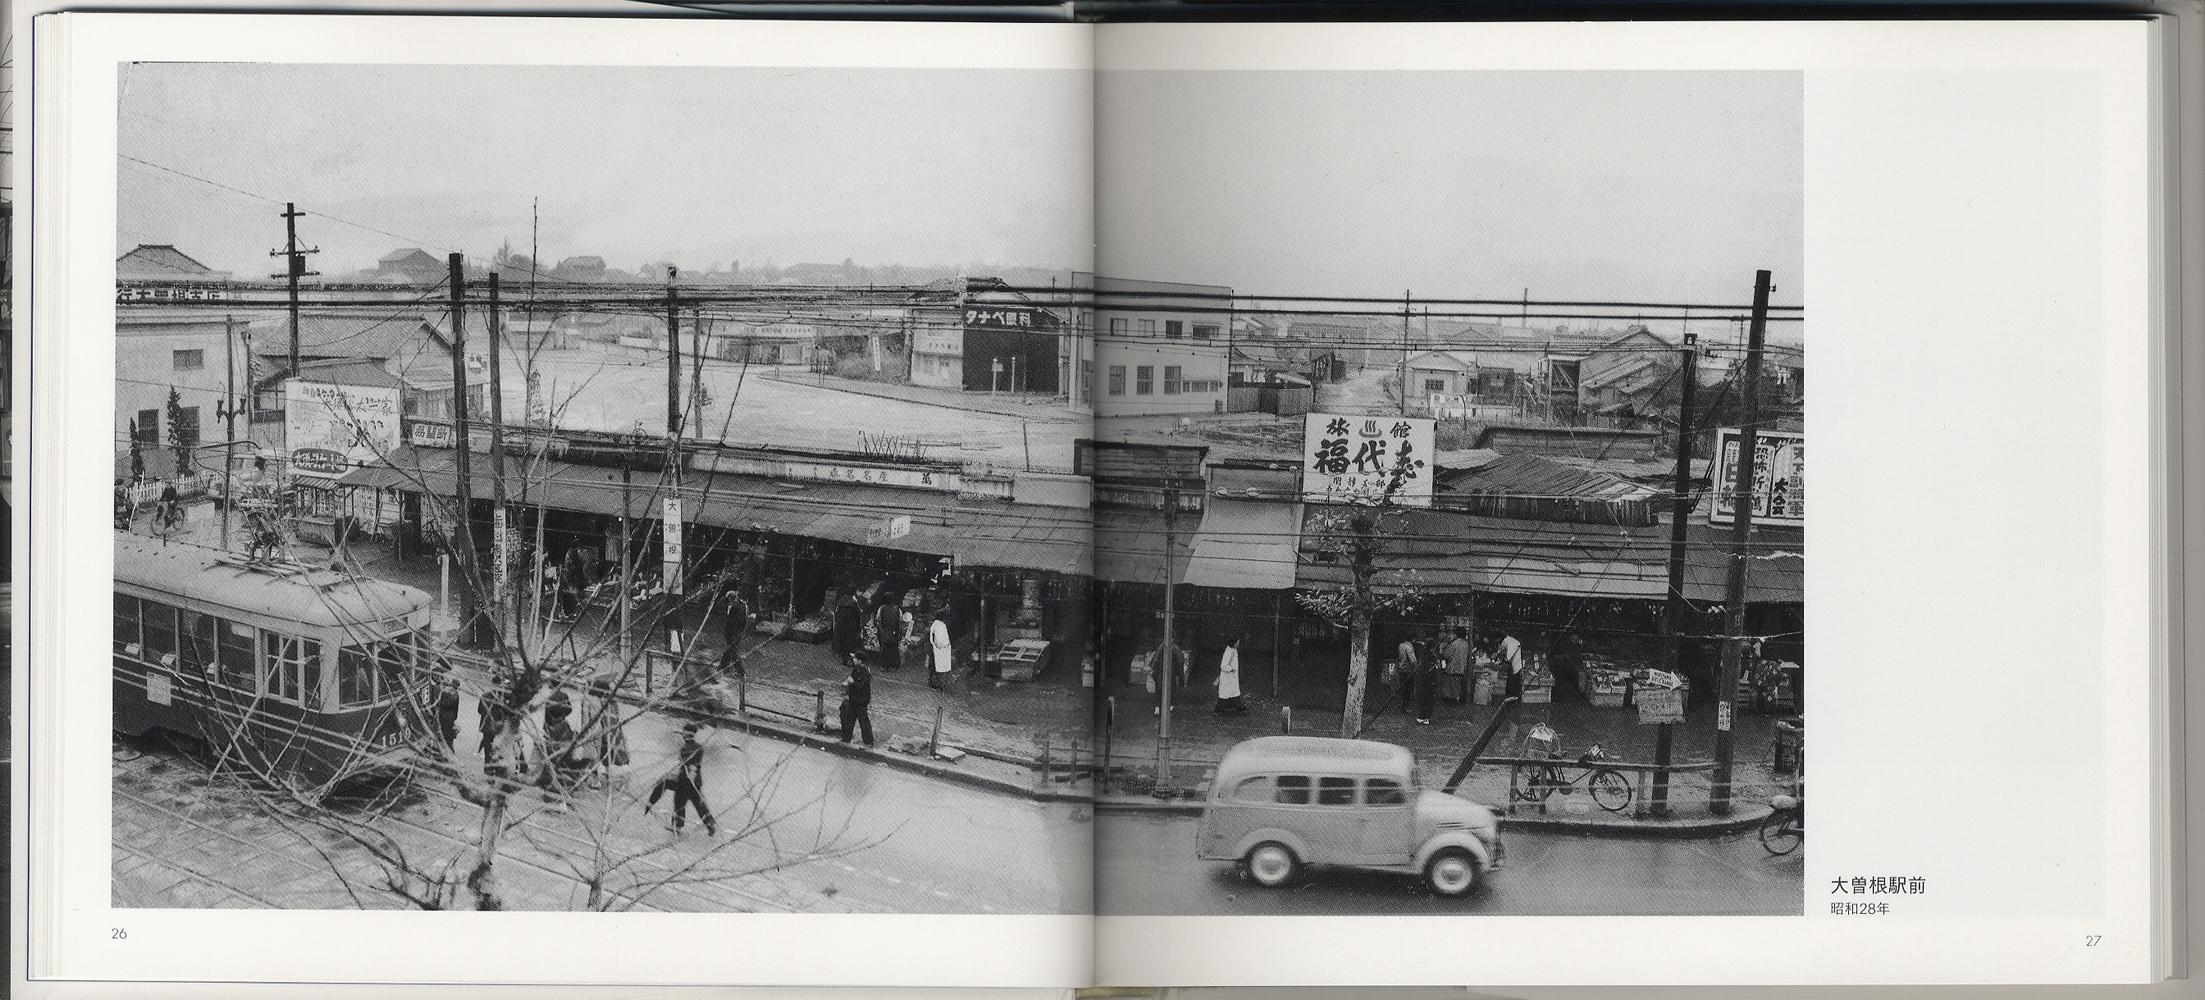 昭和の名古屋 昭和20〜40年代[image2]